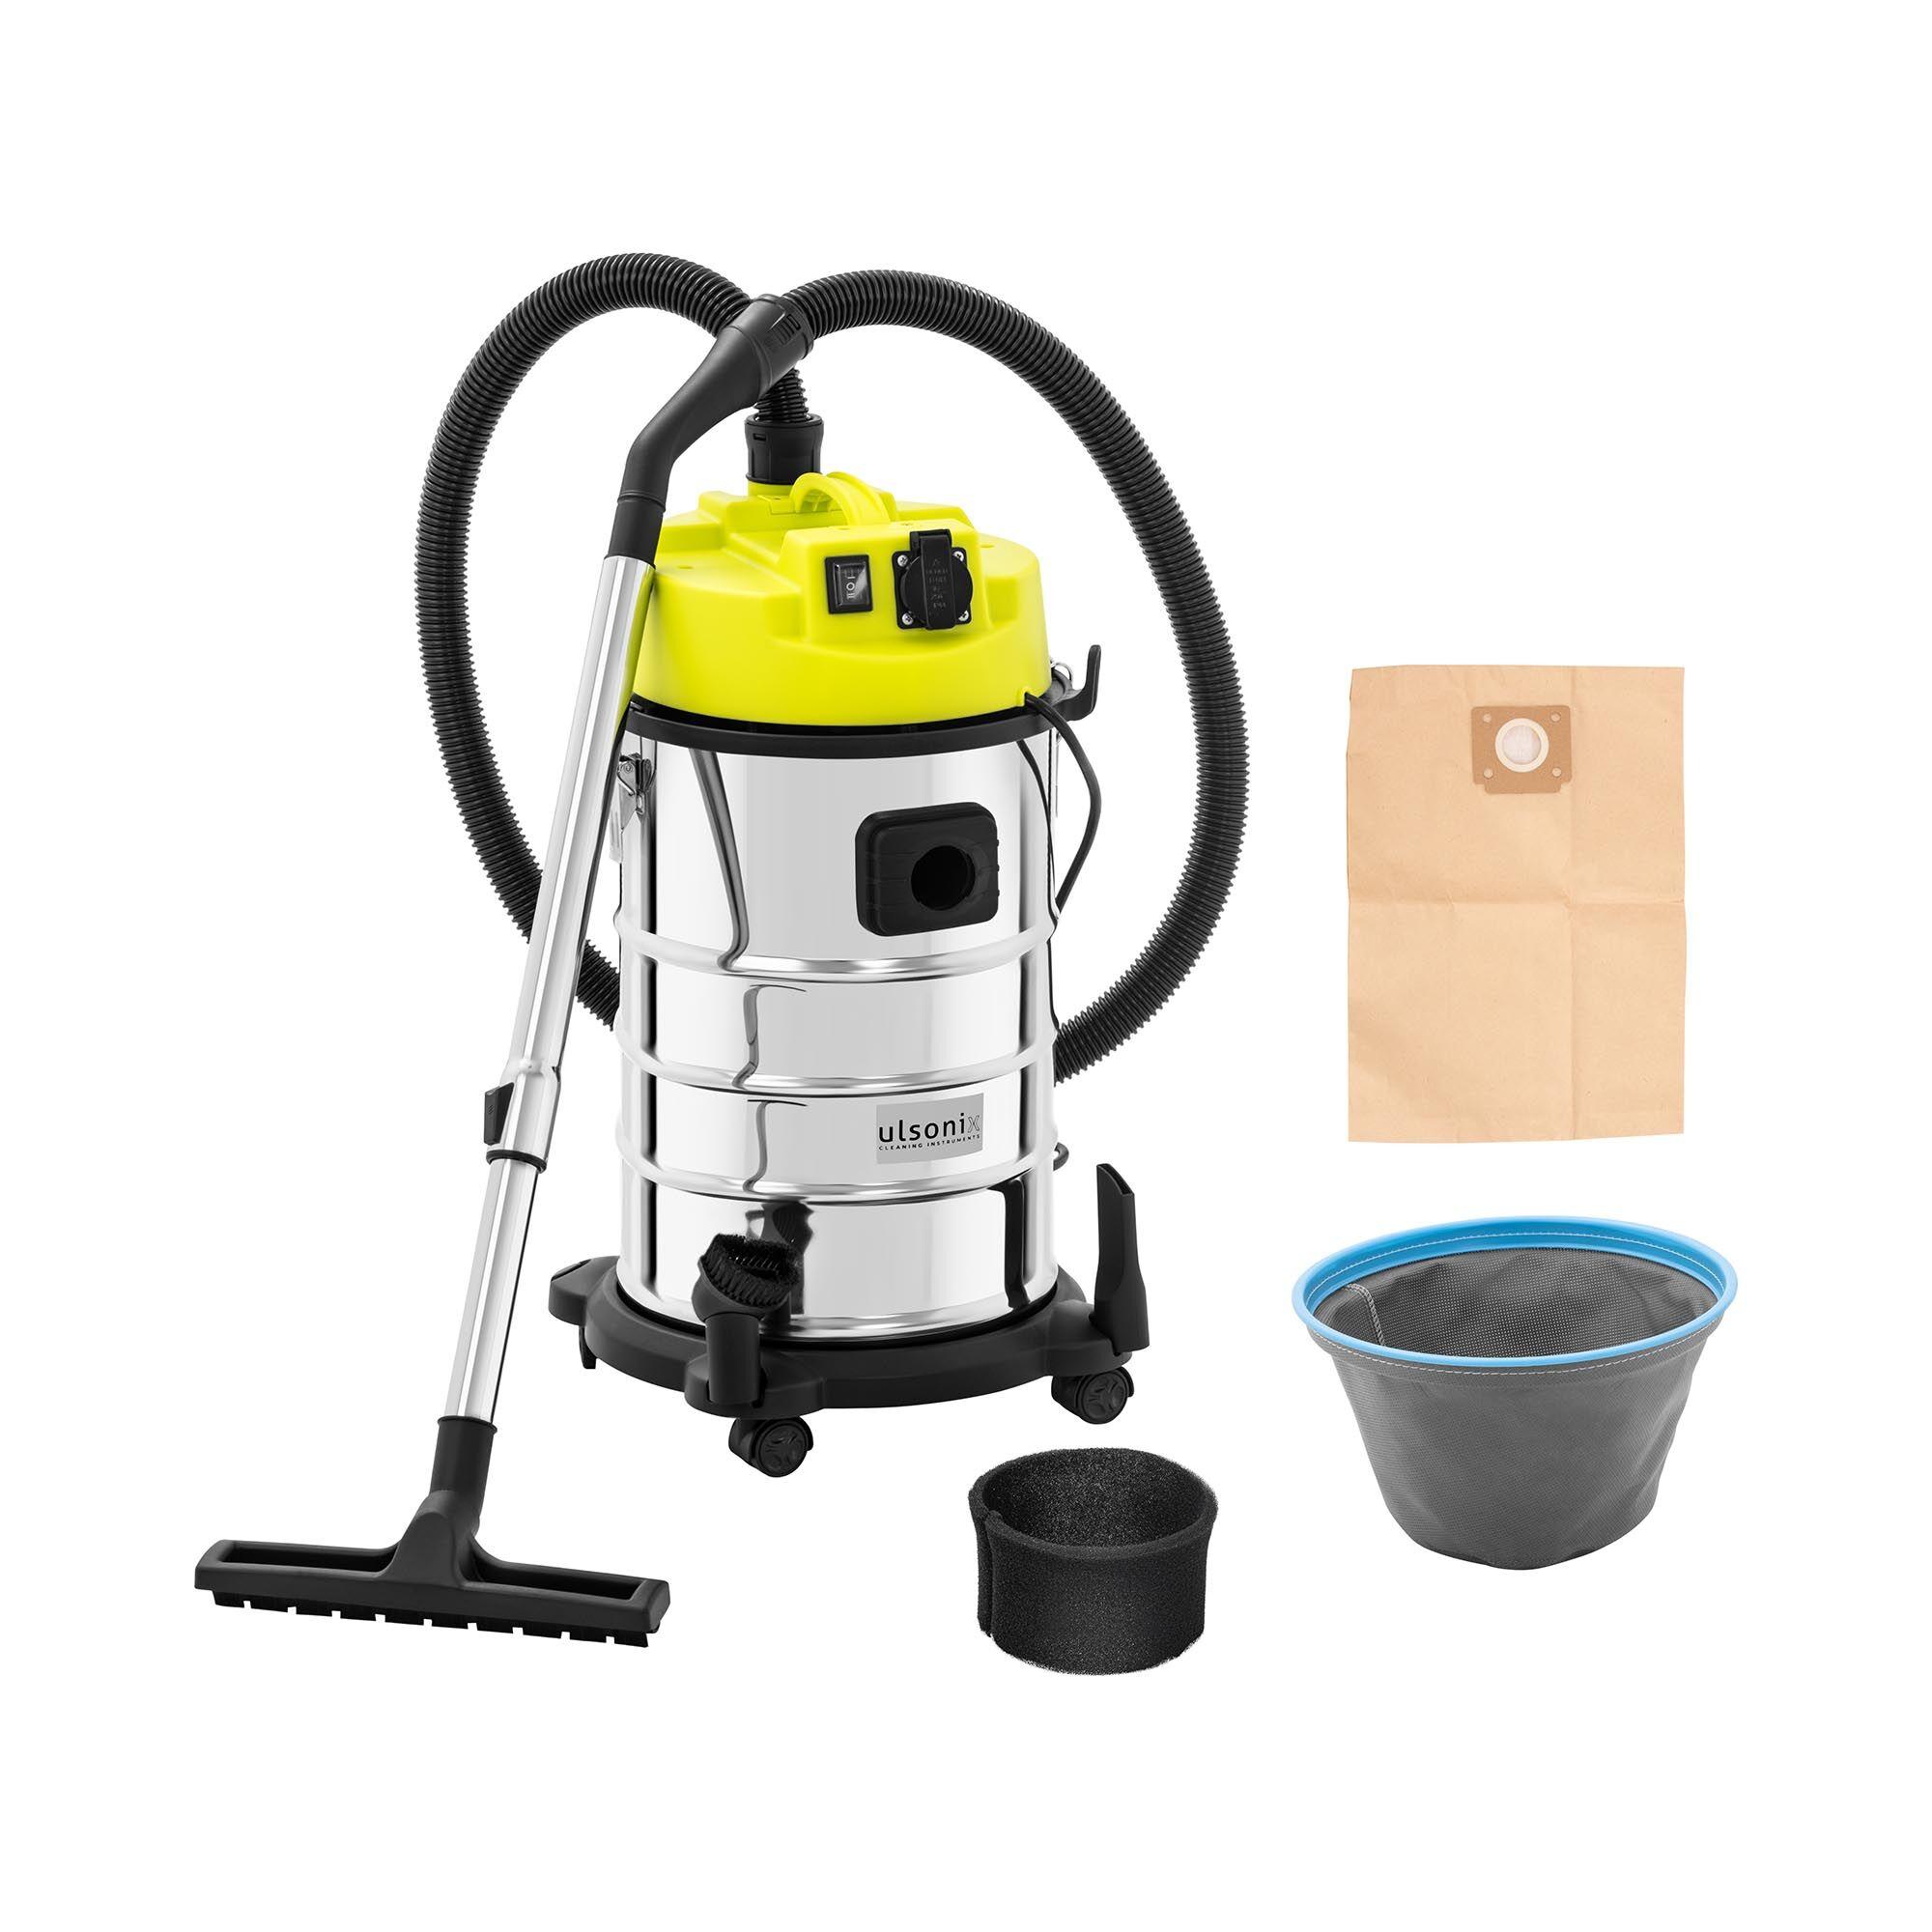 ulsonix Aspirateur eau et poussière - 1 400 W - 30 l - Avec prise électrique FLOORCLEAN 30FS